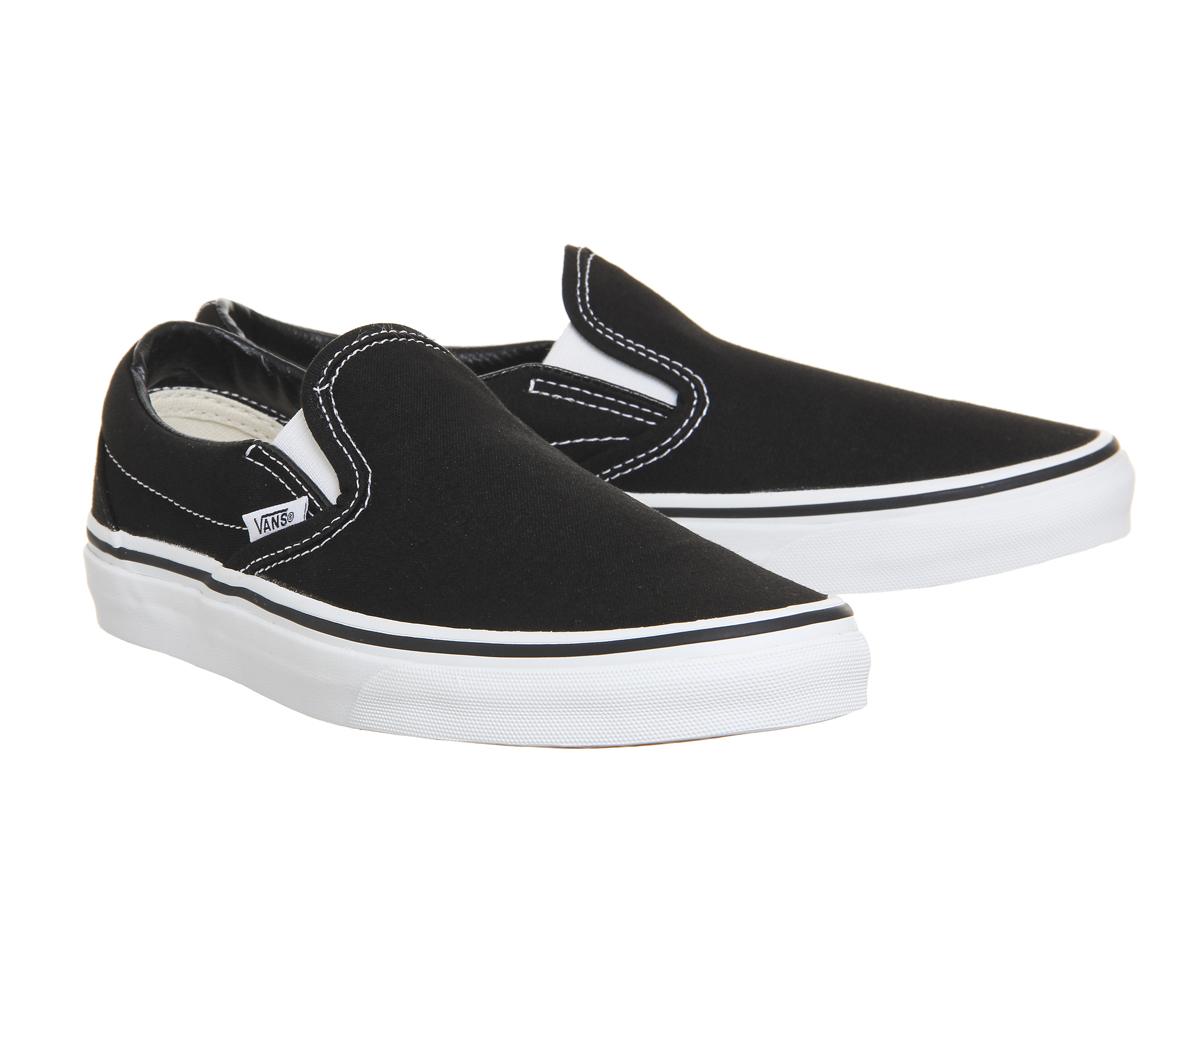 vans slip on classic black